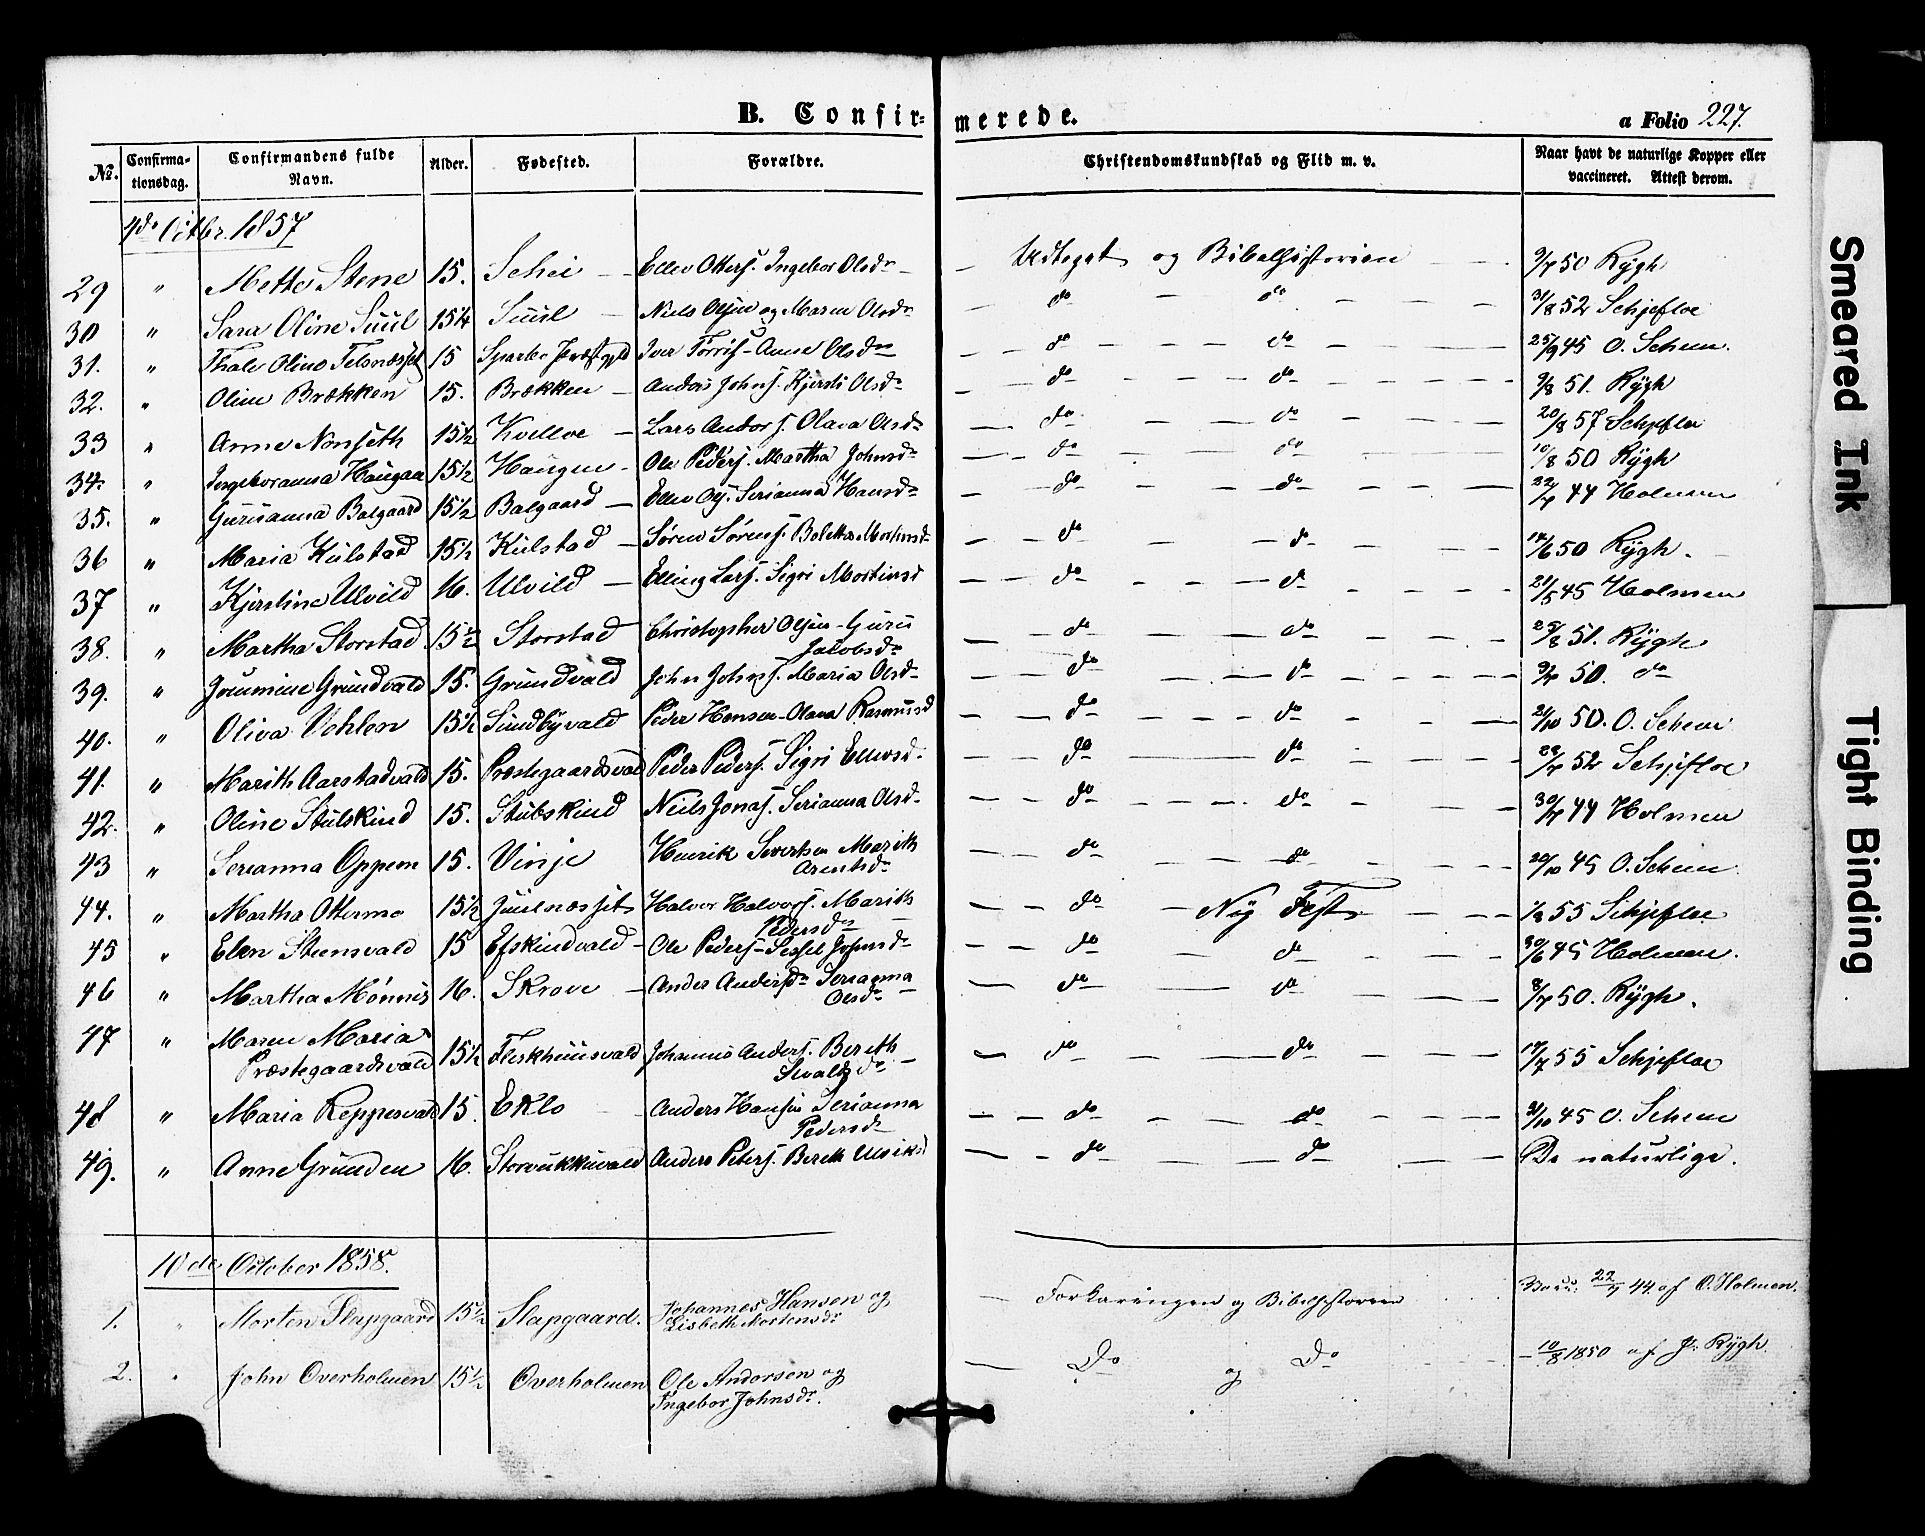 SAT, Ministerialprotokoller, klokkerbøker og fødselsregistre - Nord-Trøndelag, 724/L0268: Klokkerbok nr. 724C04, 1846-1878, s. 227